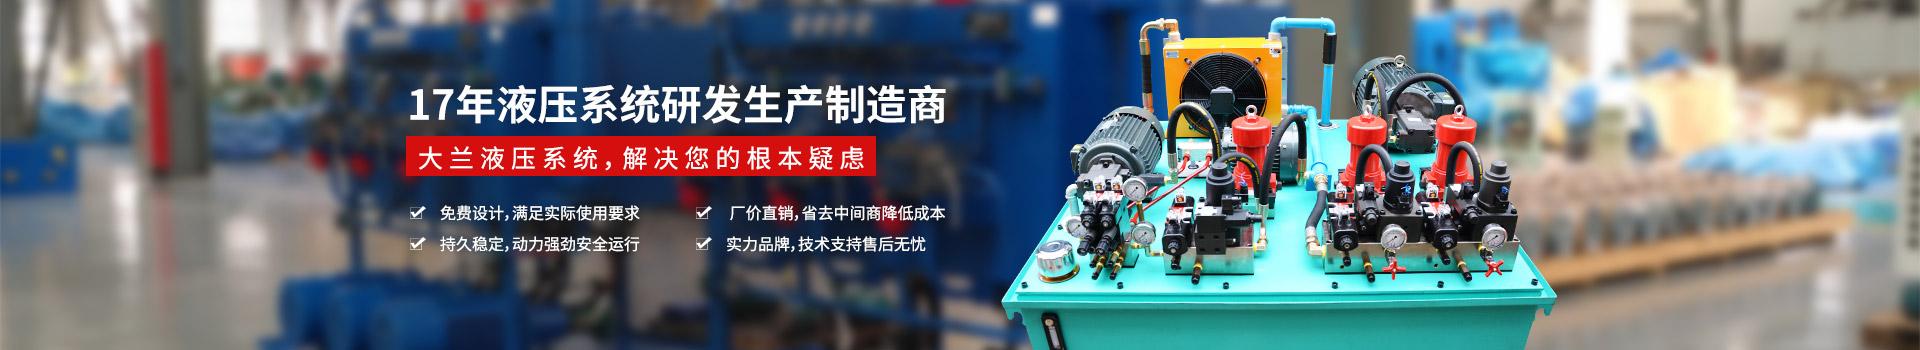 大兰液压 17年液压系统研发生产制造商